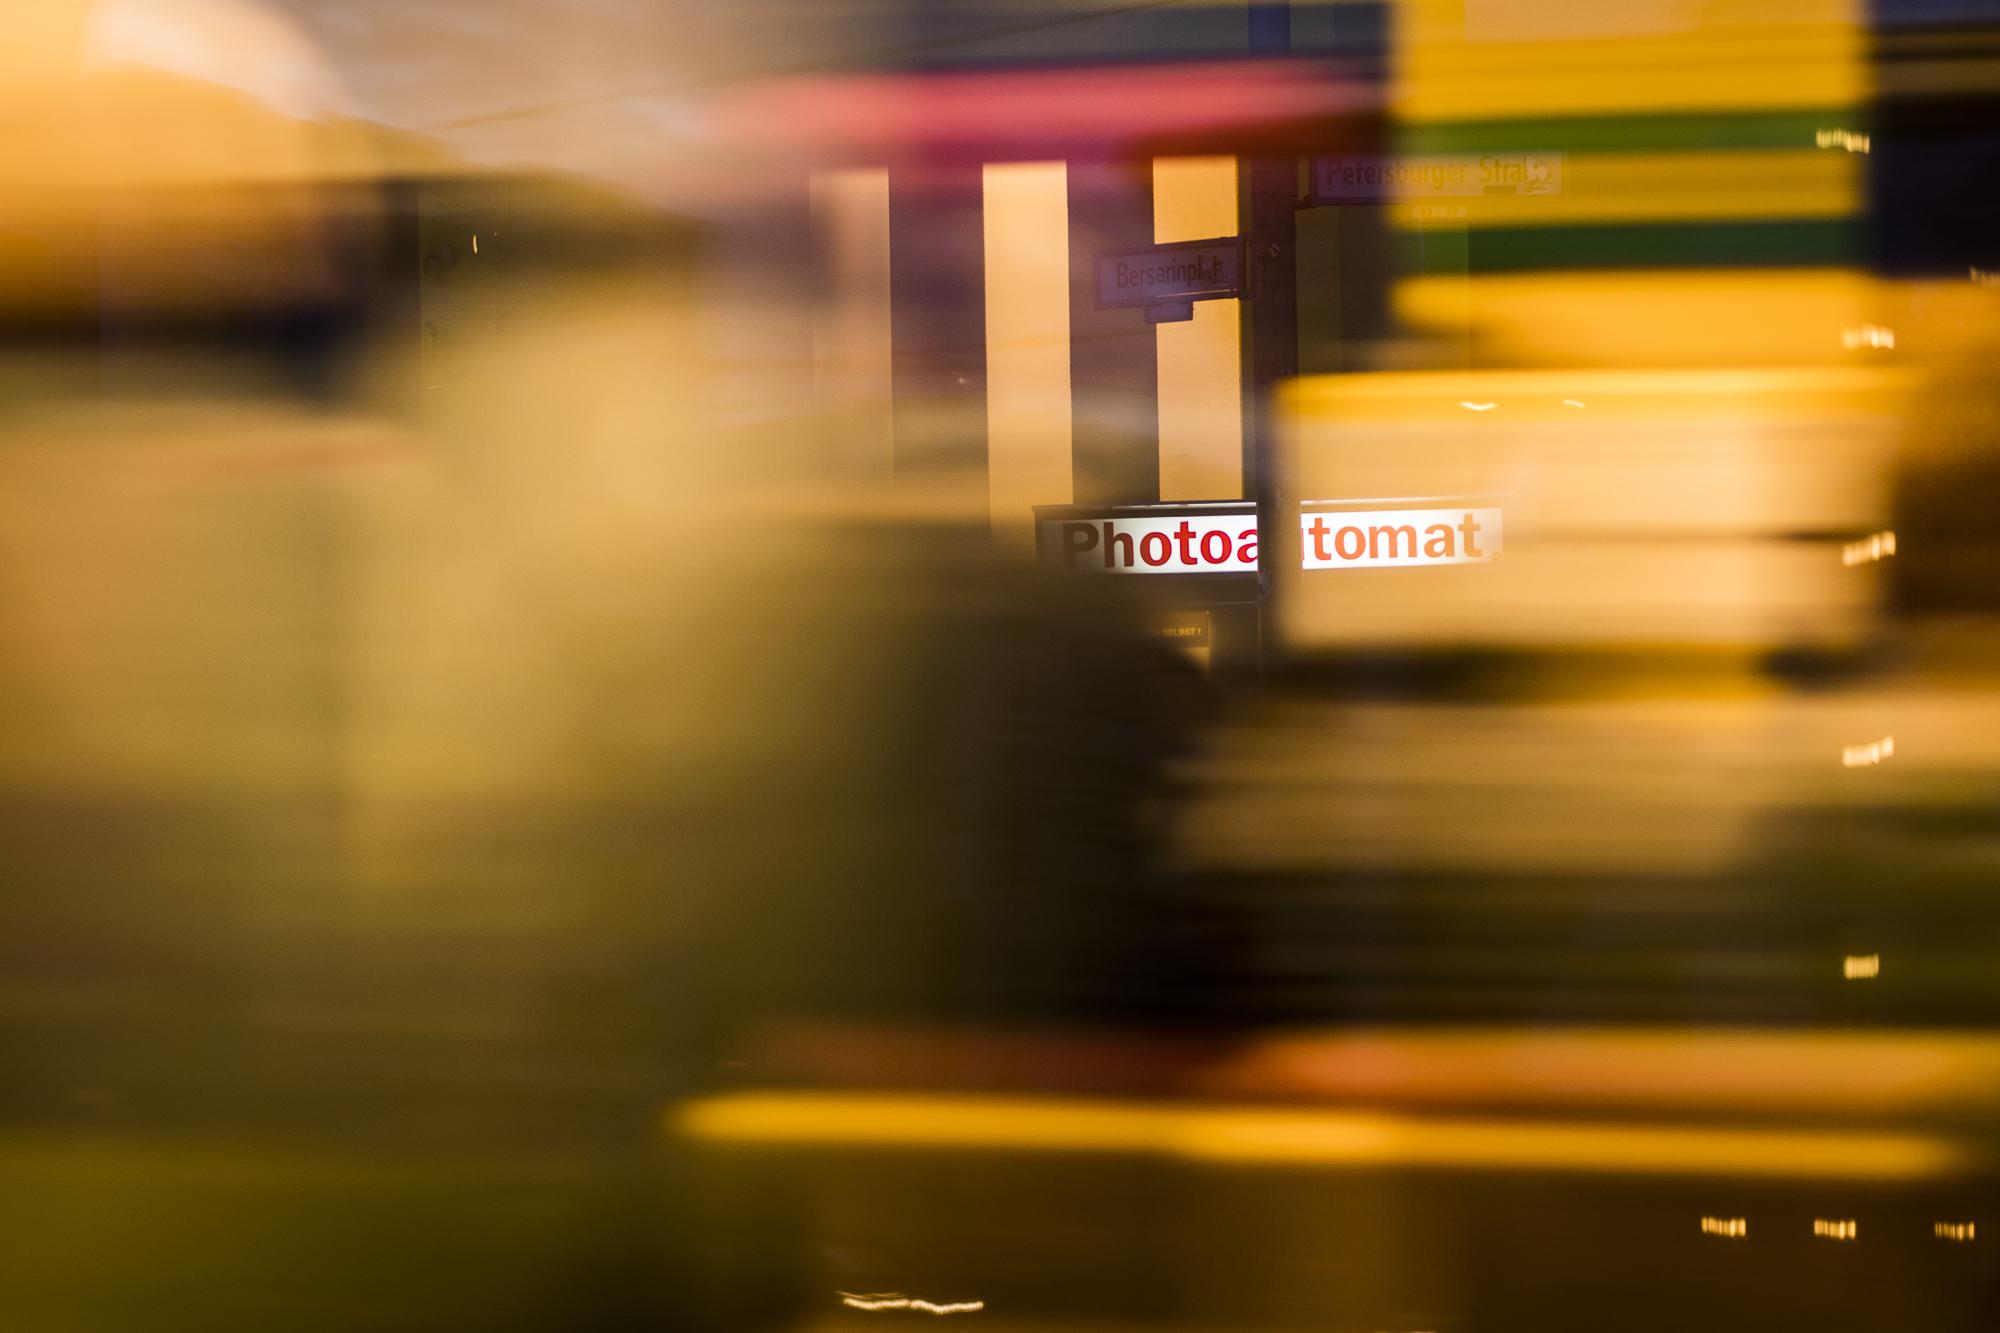 PHOTOGRAPHY: ALEXANDER J.E. BRADLEY • NIKON D500 • AF-S NIKKOR 50MM F/1.8G @ F/2.5 • 1/15 • ISO 400